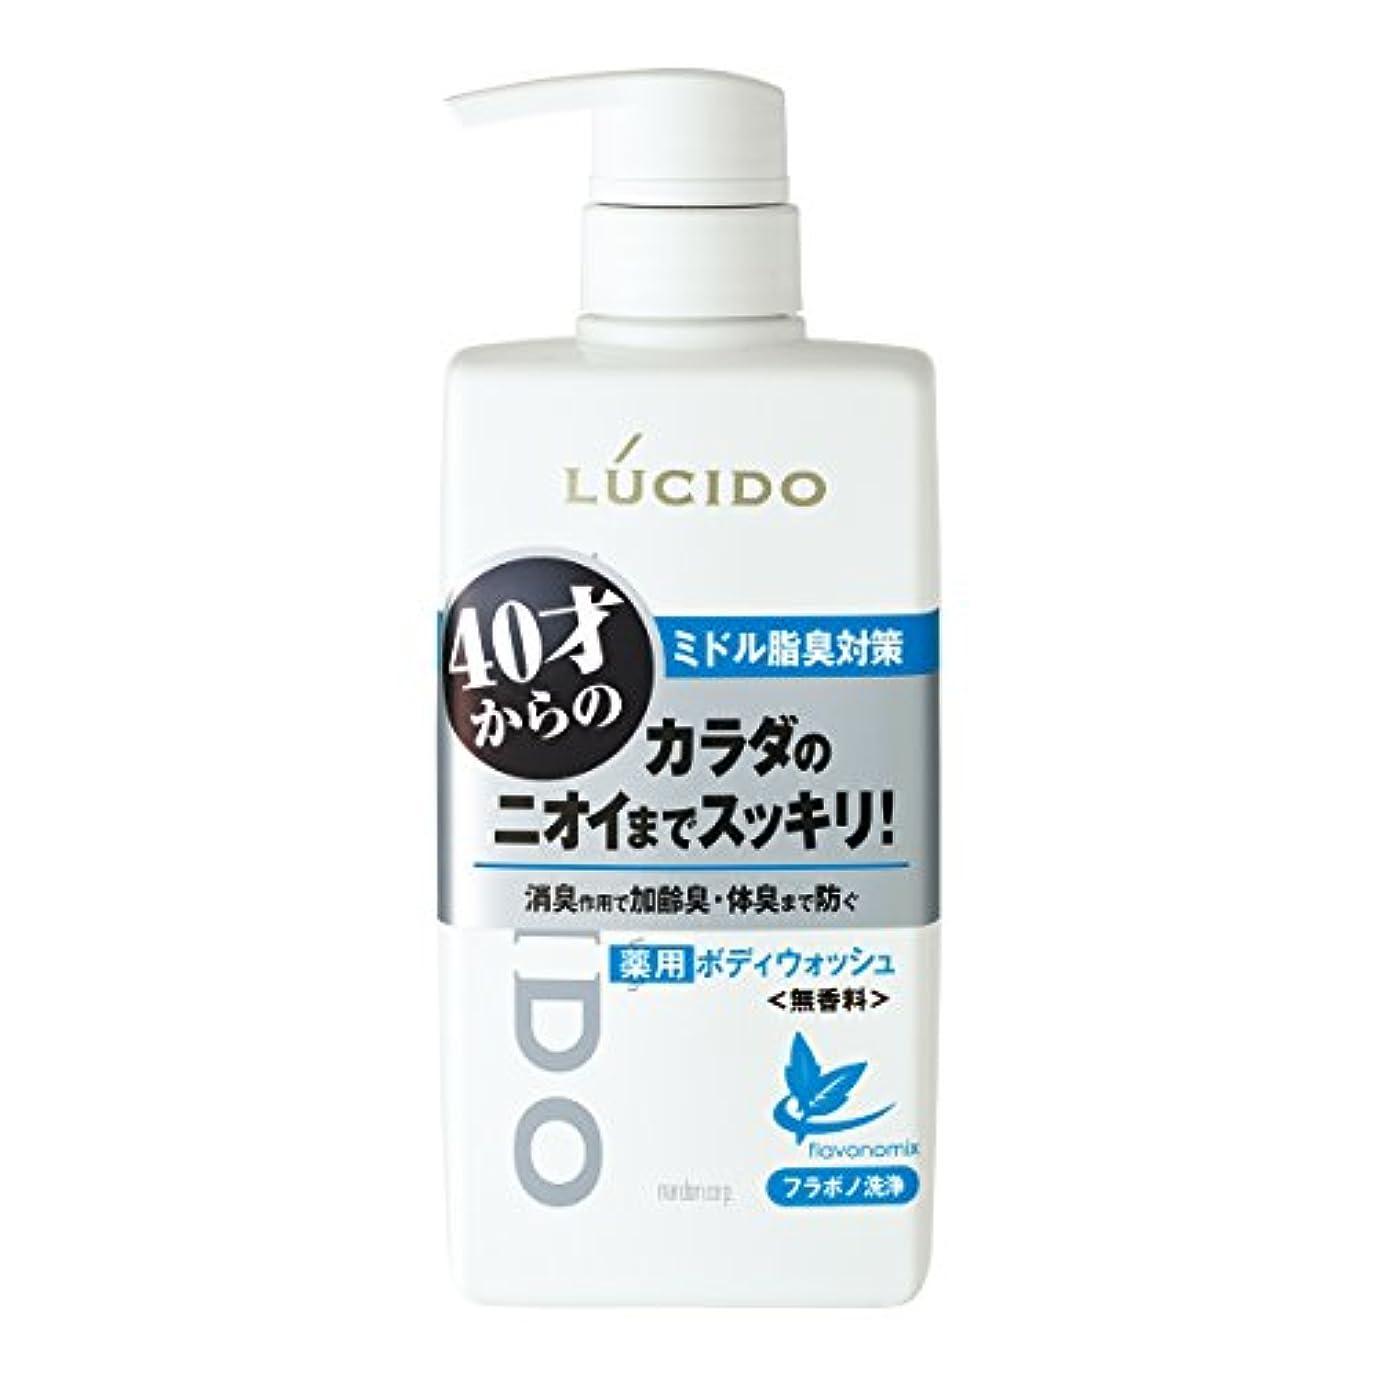 溶接キャベツ常習的ルシード 薬用デオドラントボディウォッシュ 450mL (医薬部外品)